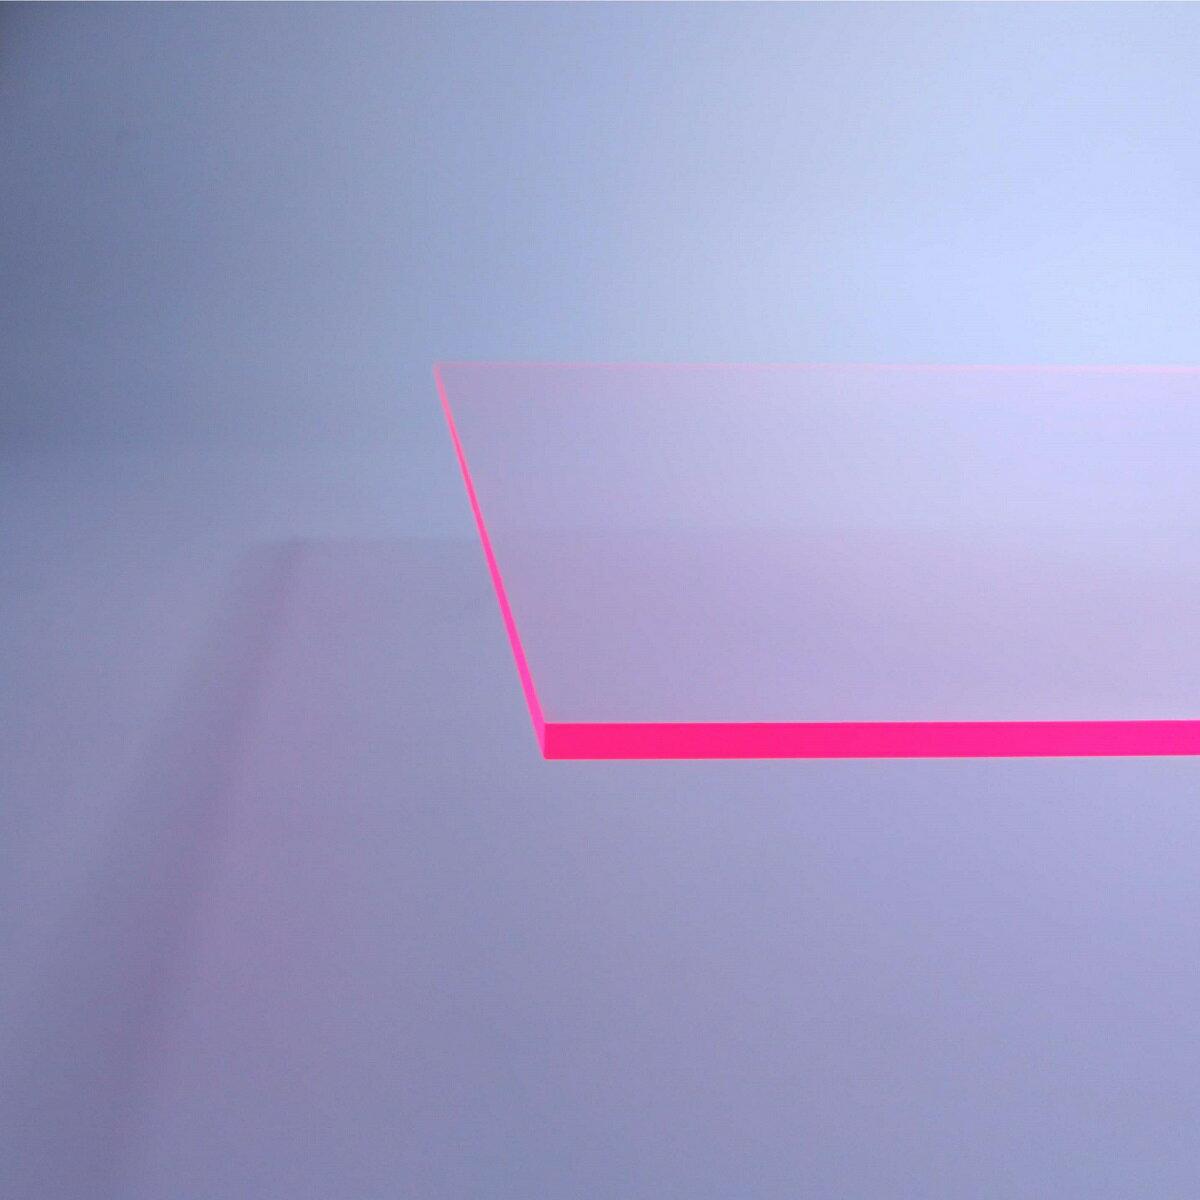 厚み5mm 600X300mm [アクリサンデー クリア 連続キャスト方式押出グレード プラスチック] アクリルEX板透明